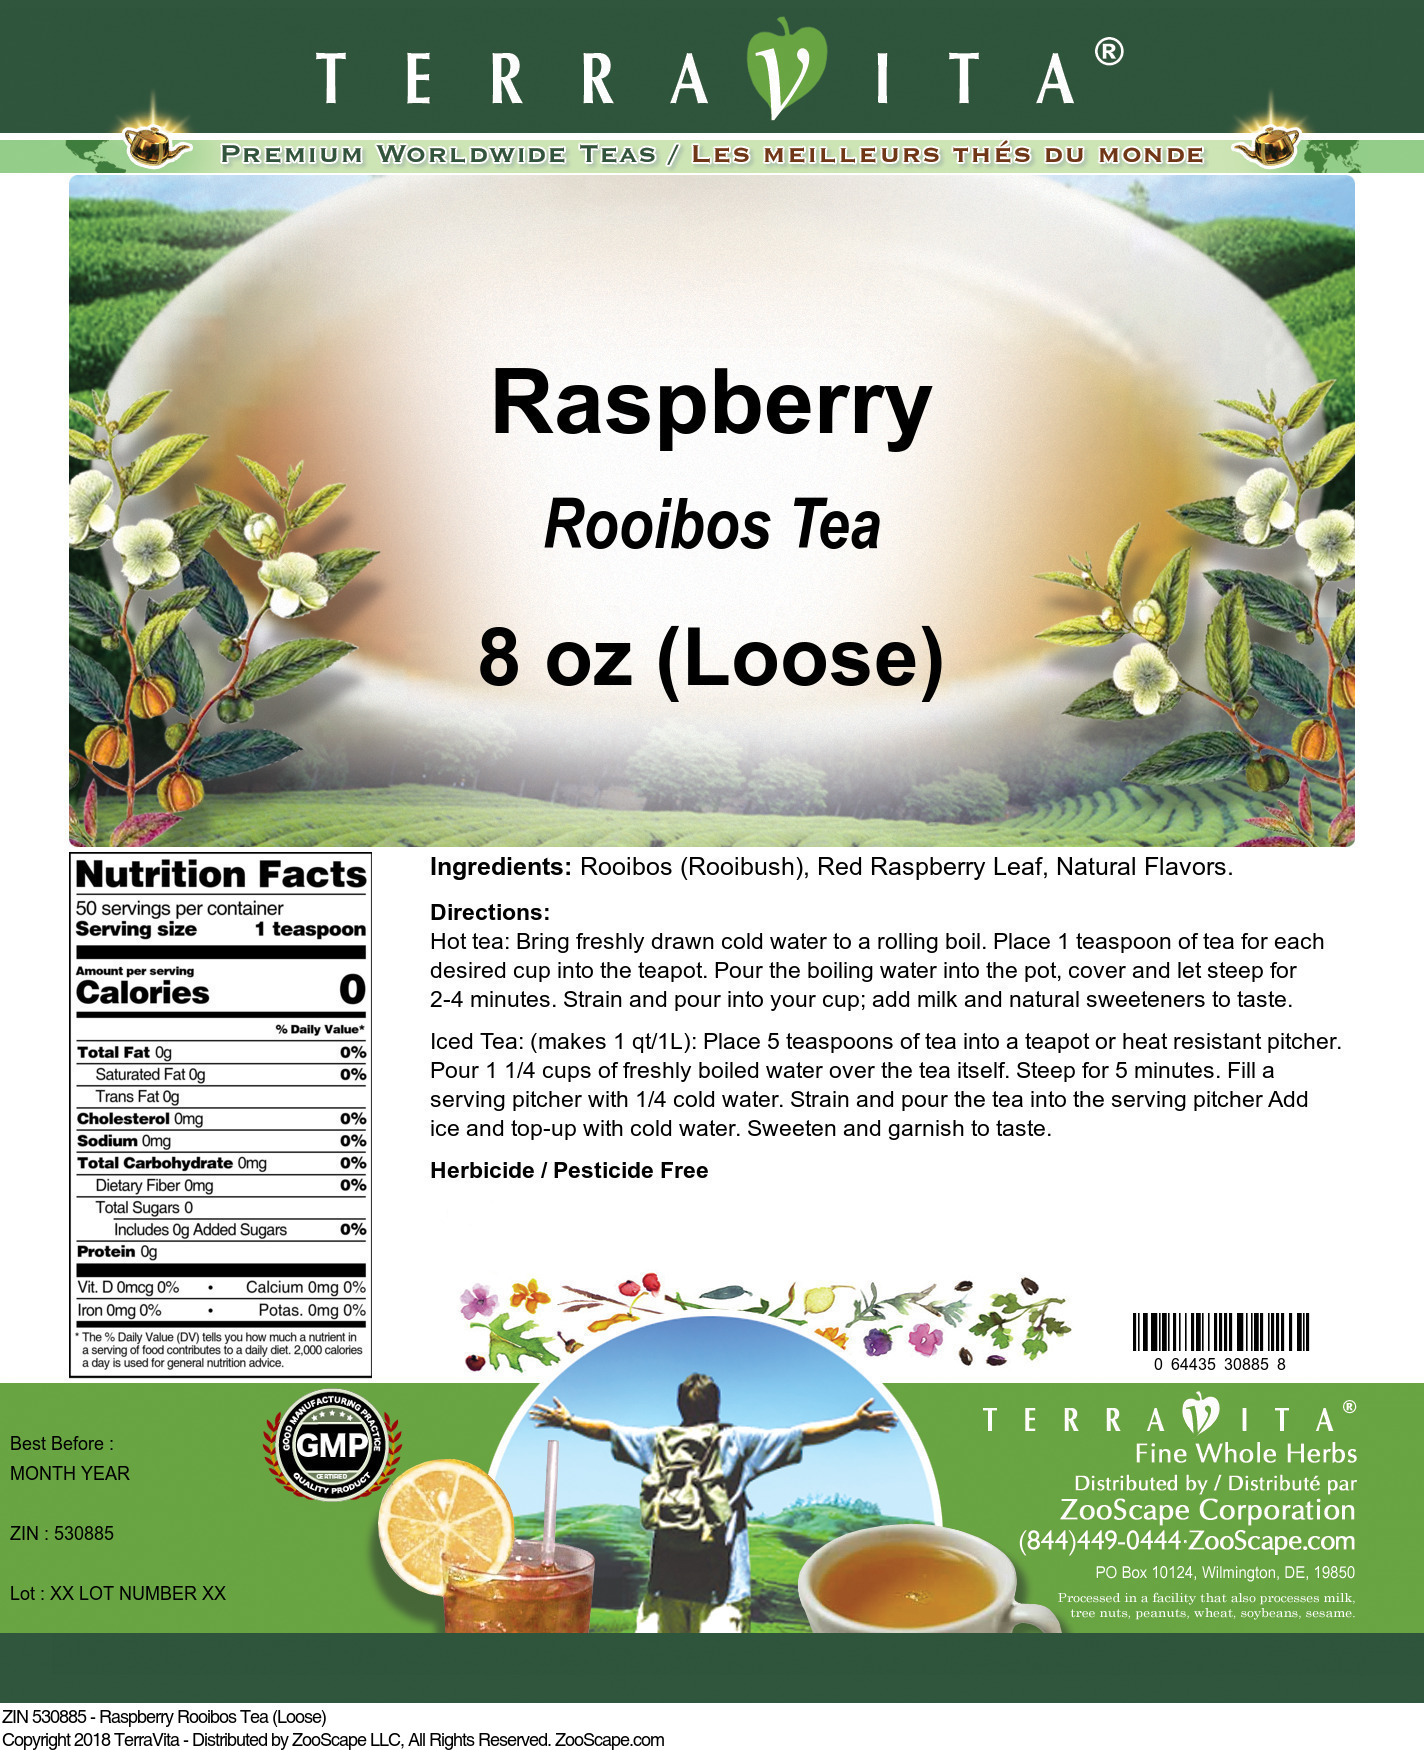 Raspberry Rooibos Tea (Loose)